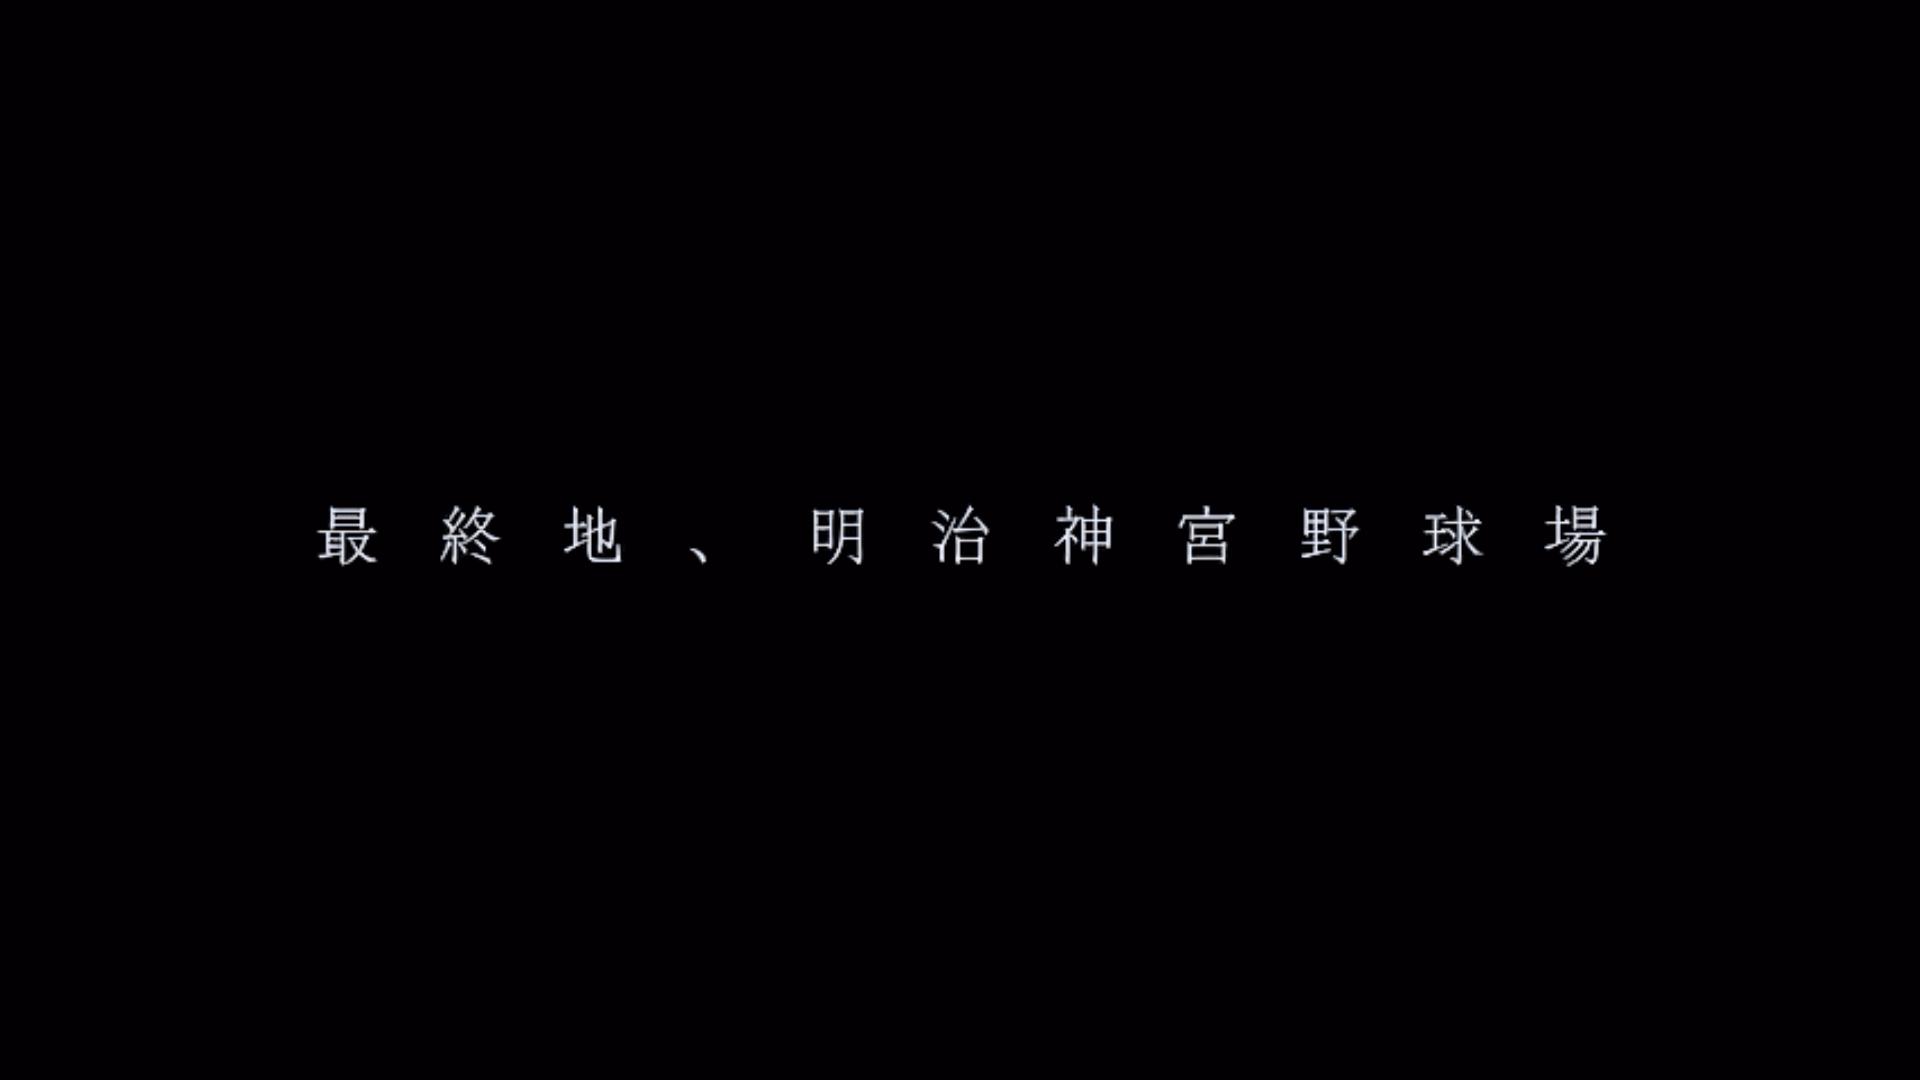 乃木坂46 最終地、明治神宮野球場